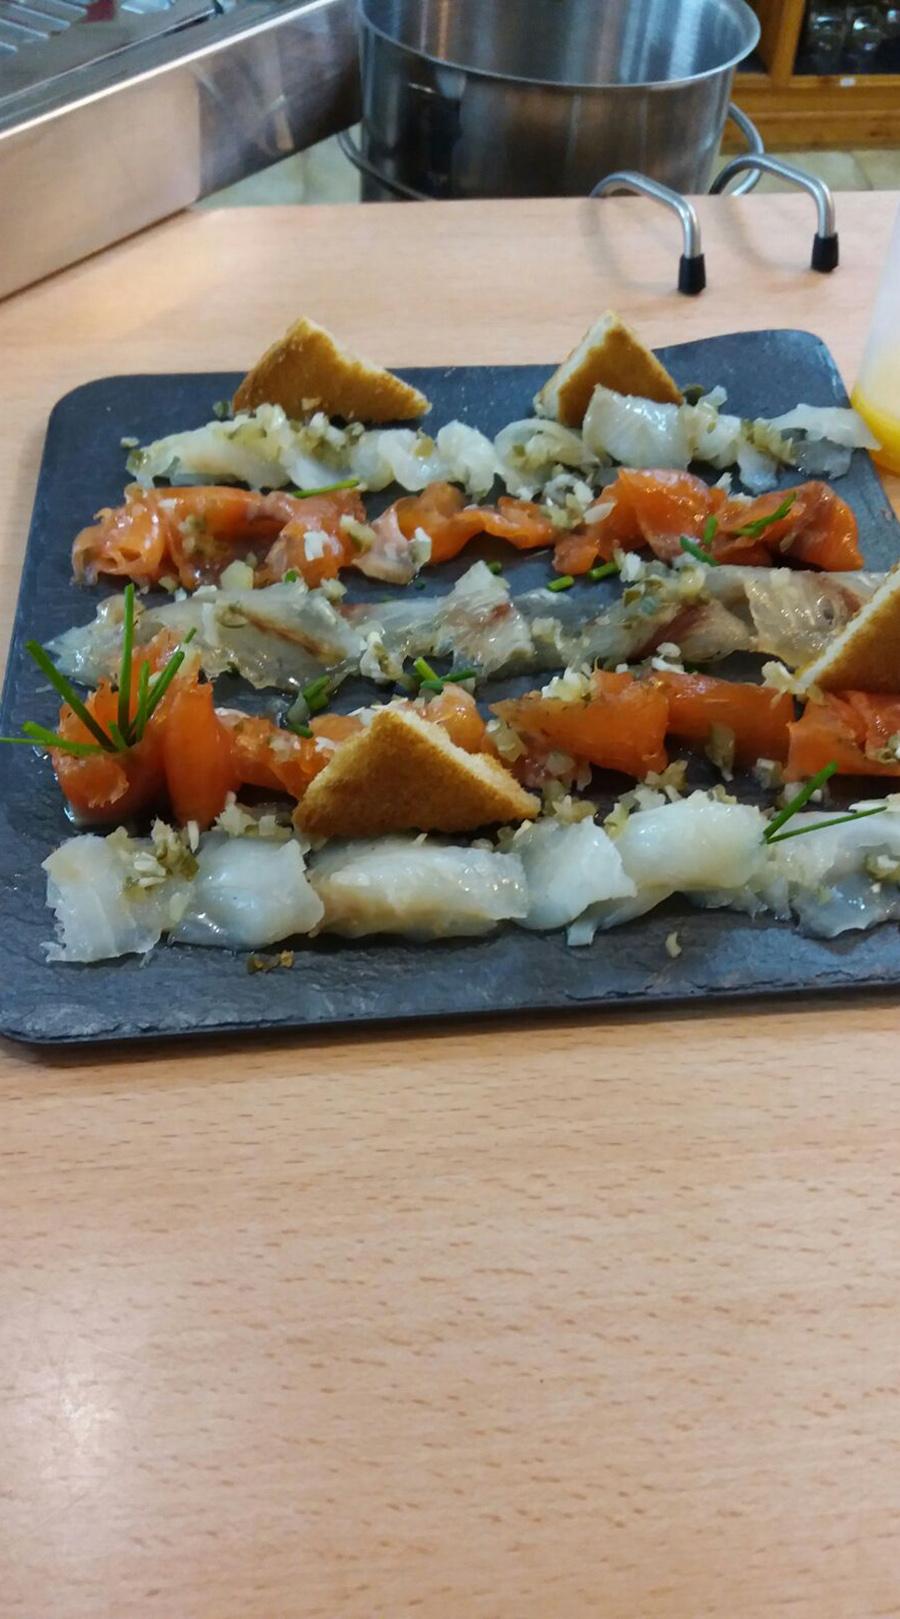 Taboa de Peixes marinados